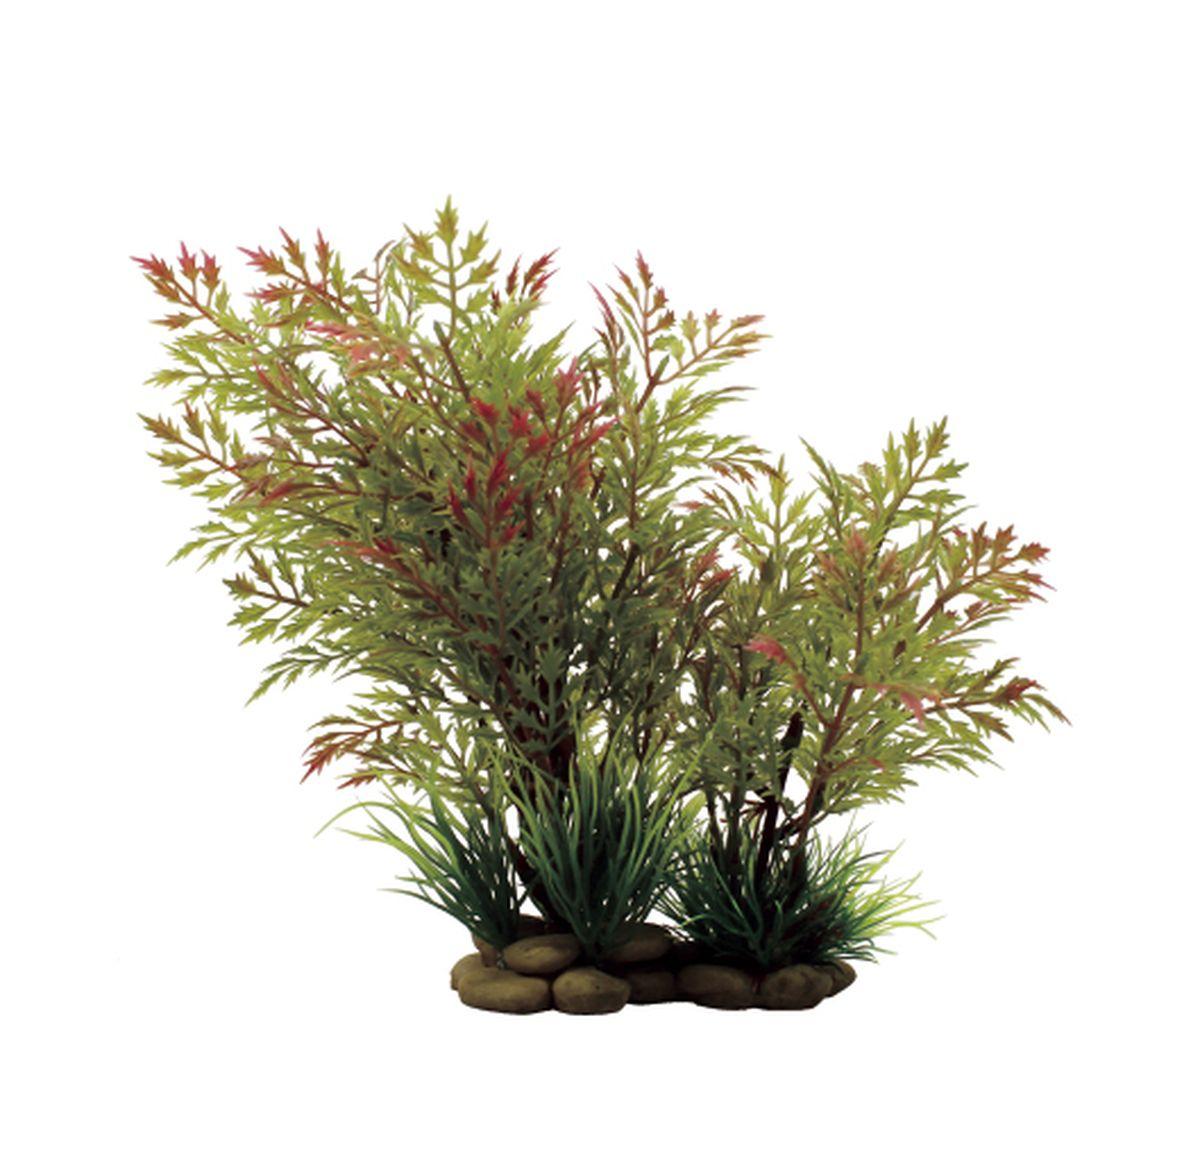 Растение для аквариума ArtUniq Папоротник водяной красно-зеленый, высота 20 см0120710Растение для аквариума ArtUniq Папоротник водяной красно-зеленый, высота 20 см